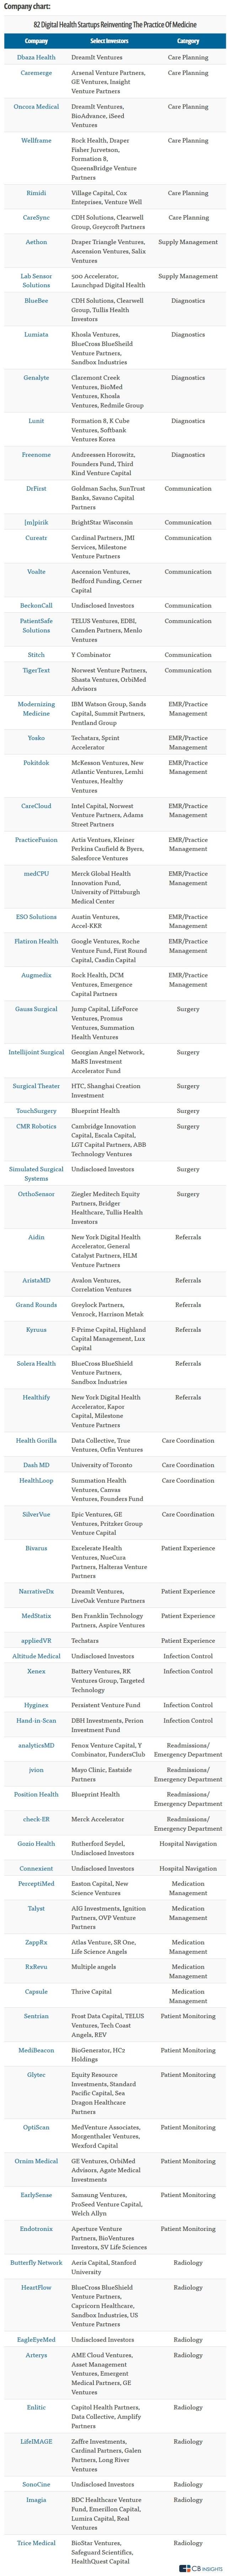 hospital tech startup scene 2016 - medtech